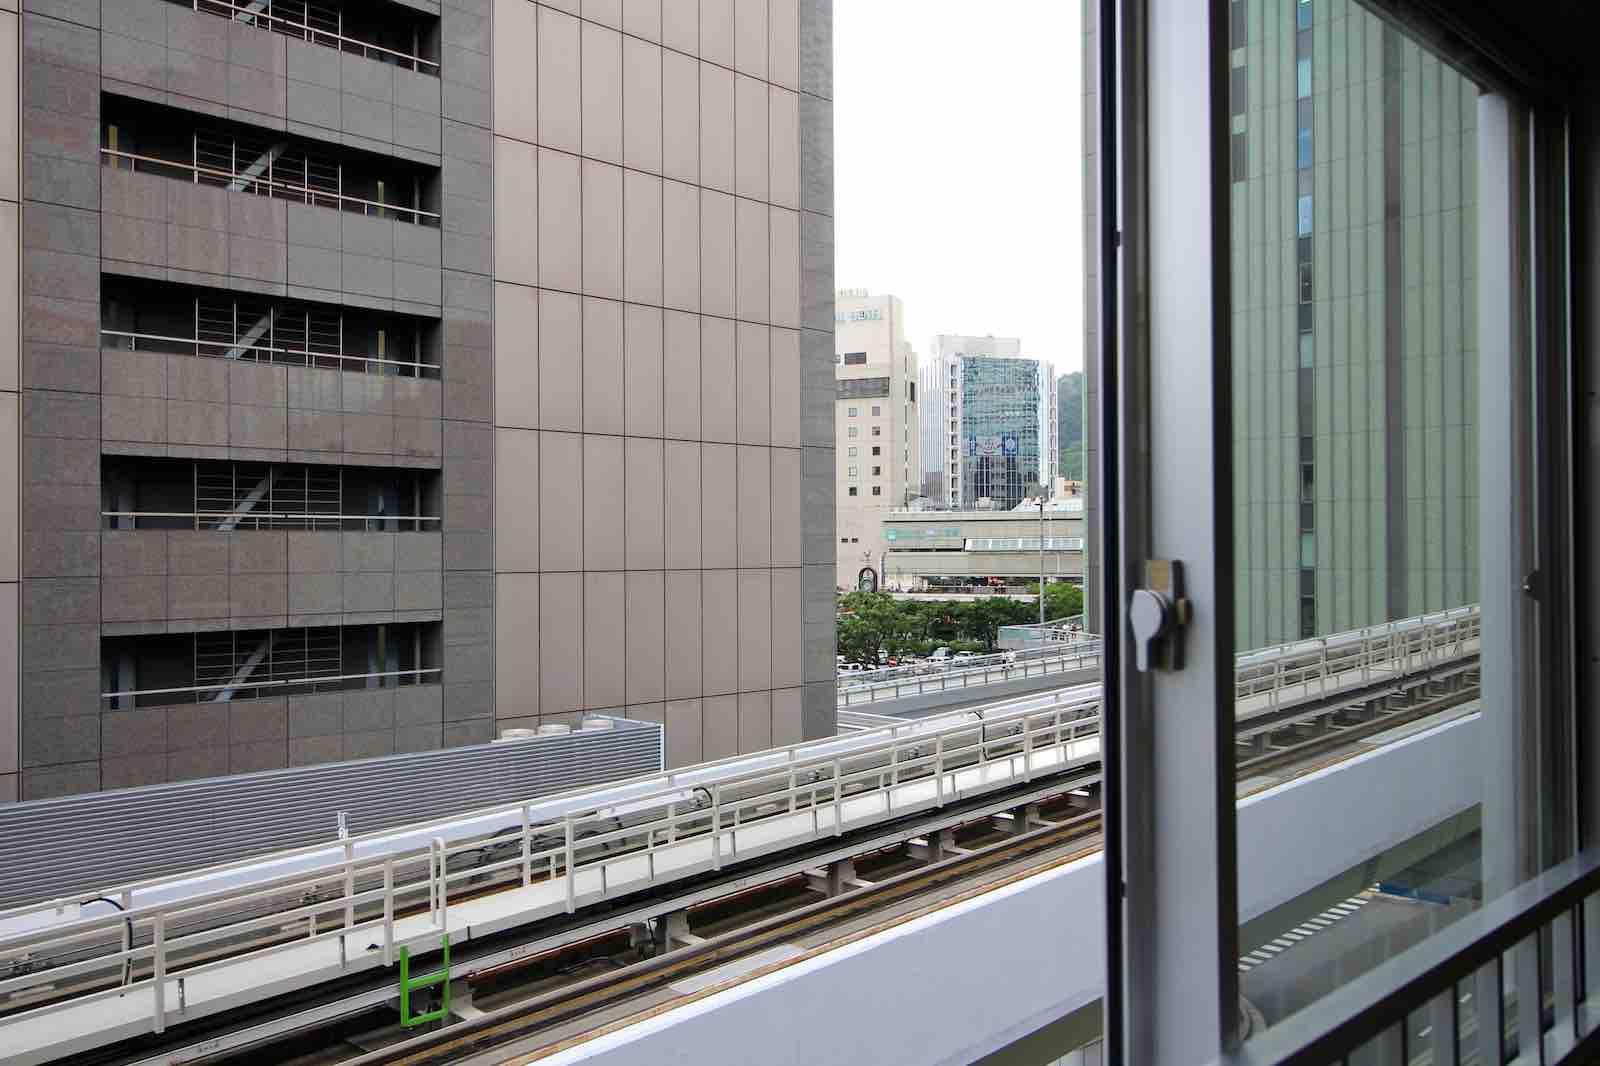 窓の外には、すぐ近くにポートライナーが走っていて三宮駅も見えます